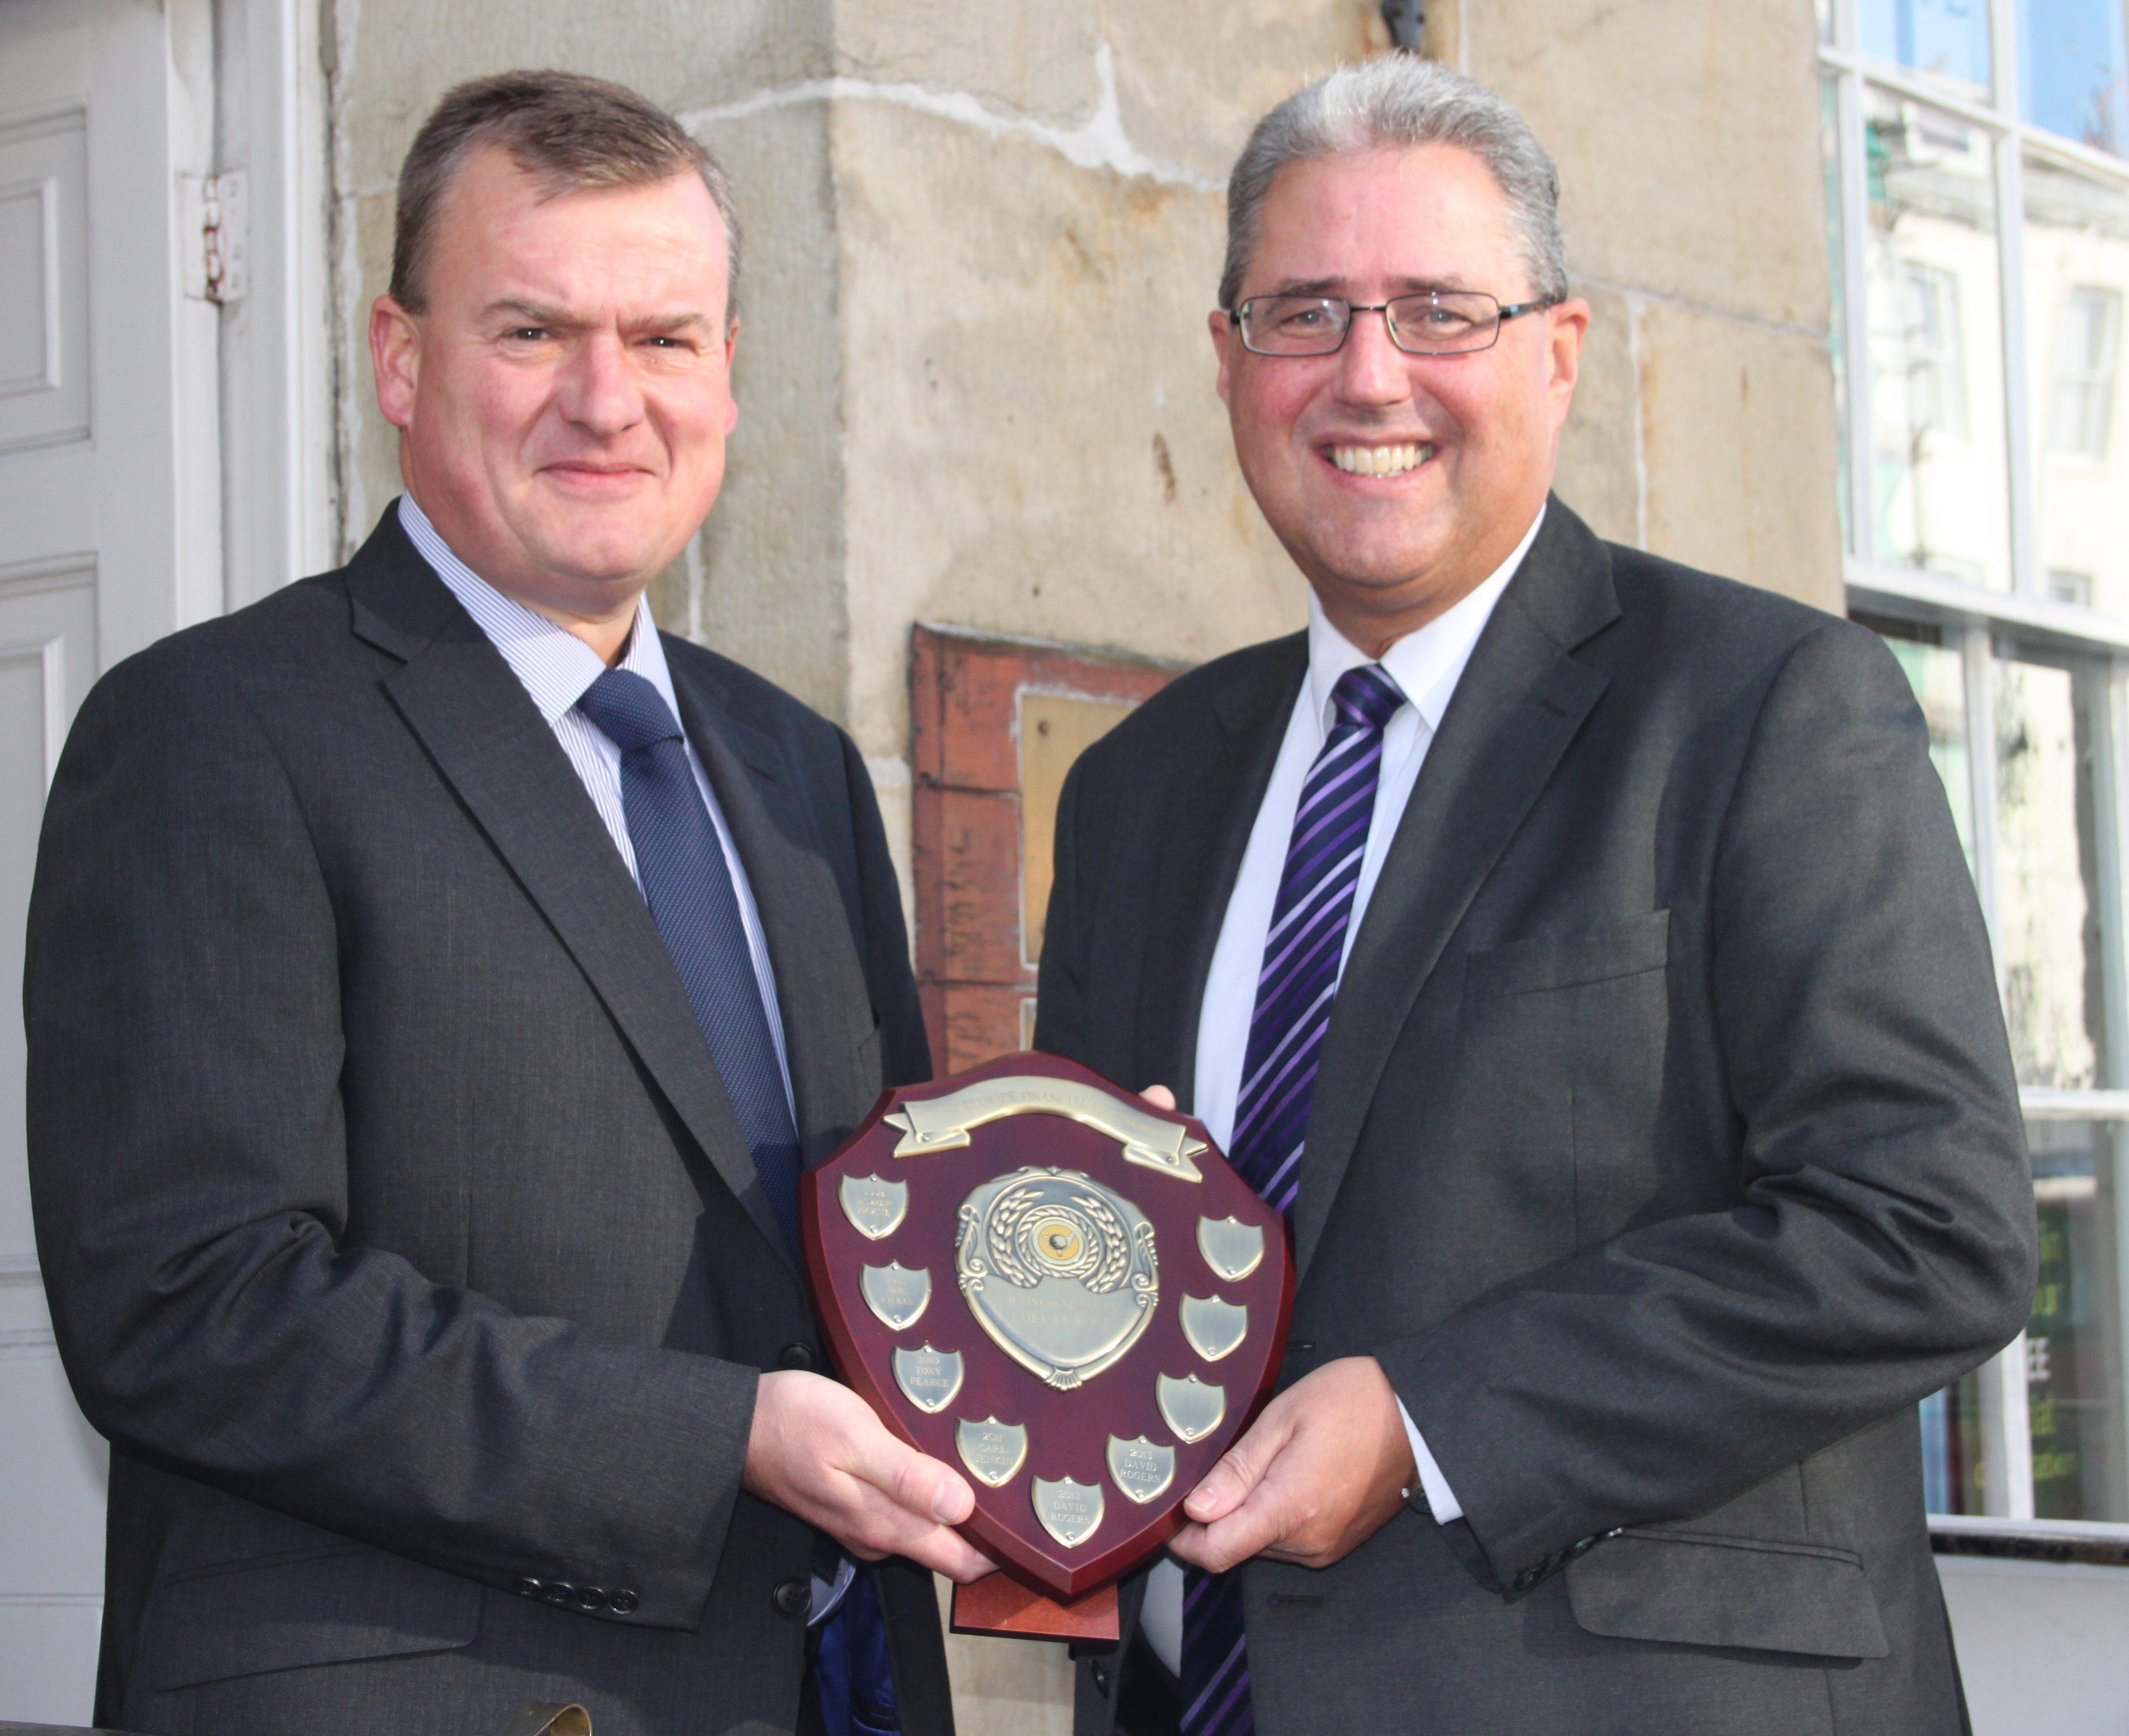 Worldwide Financial Planning's Matt Higham (l) presents the Worldwide Financial Planning Professional Services Golf League trophy to David Rogers.